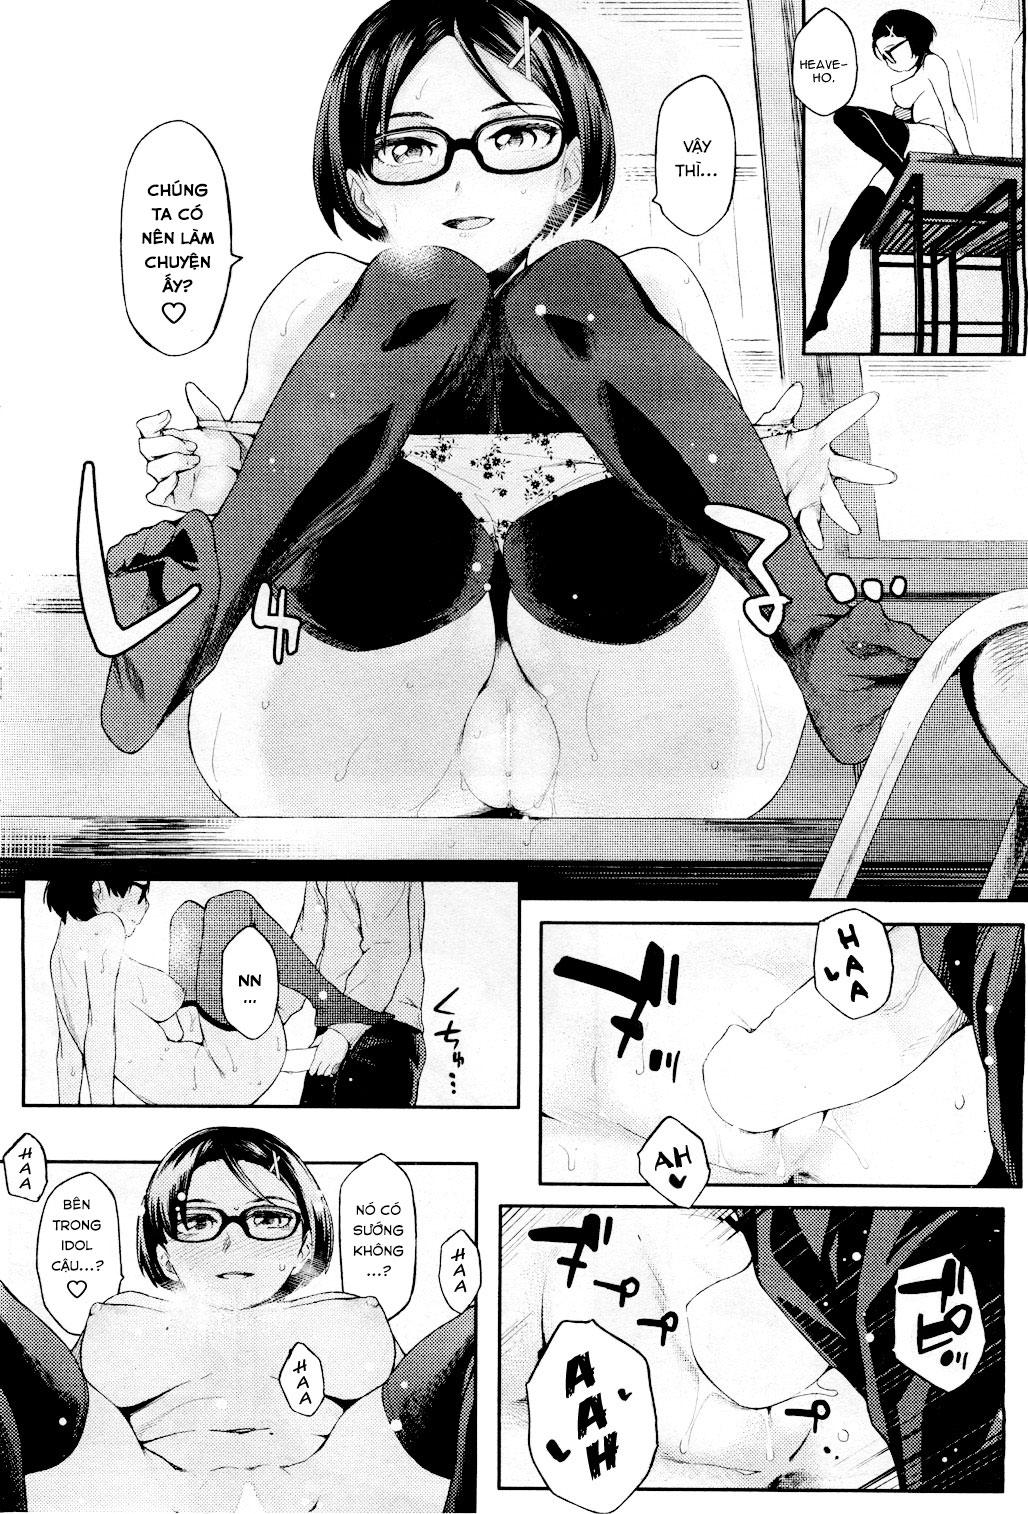 Hình ảnh  in Hentai Phá Trinh Lần Đầu Mà Bạn Trai Vẫn Mắc Bẫy